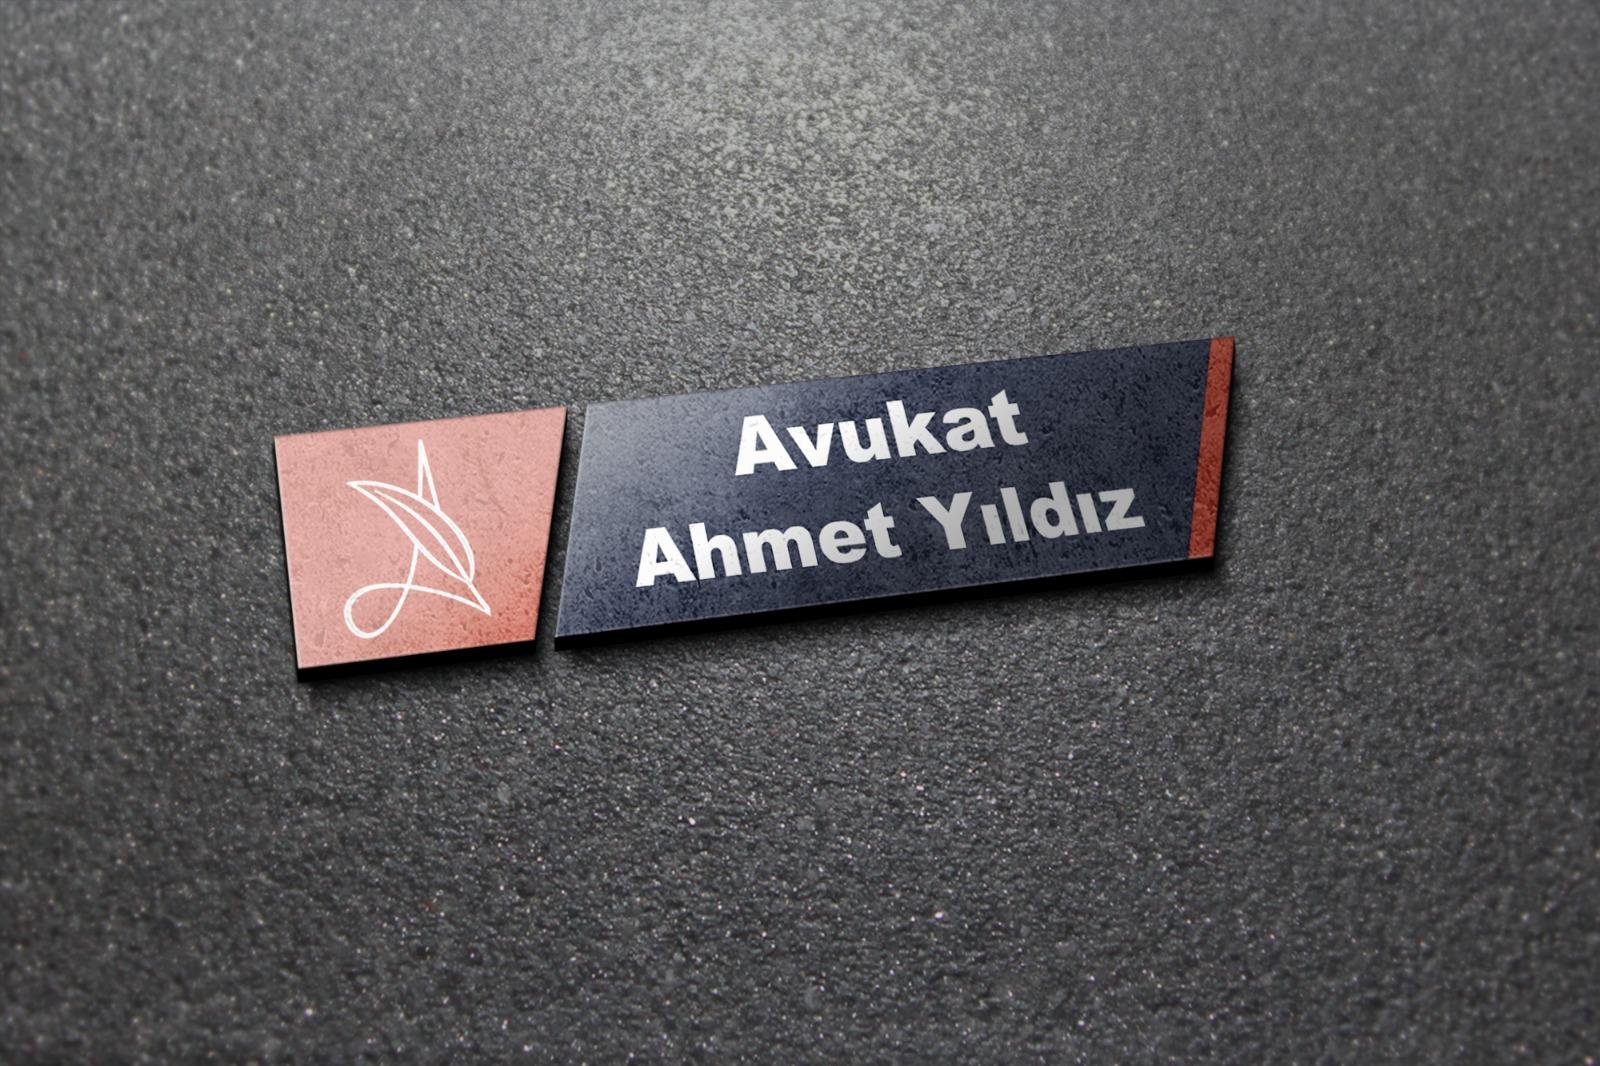 Avukat Ahmet Yıldız